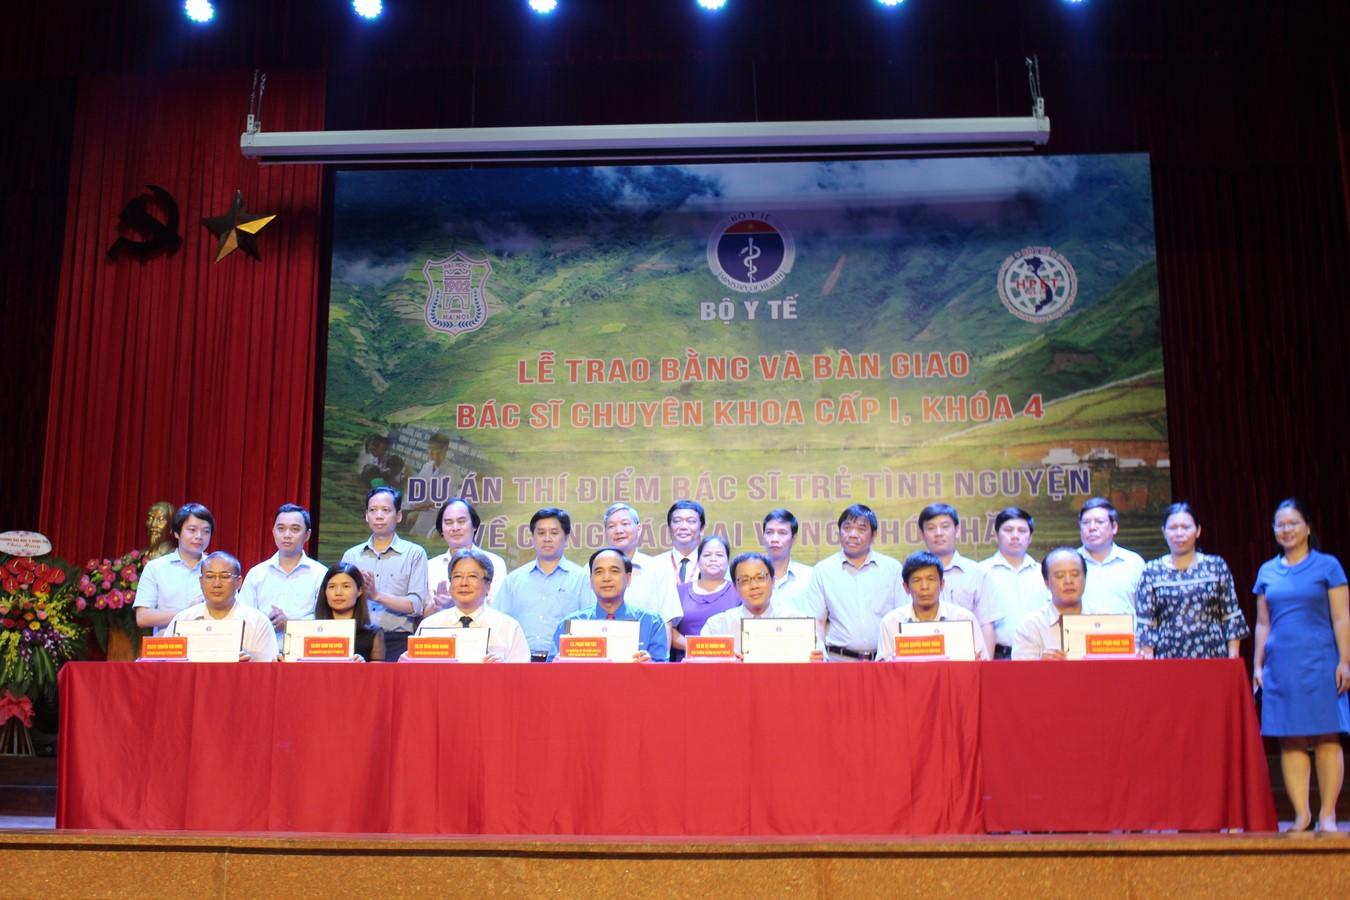 Lễ bàn giao bác sỹ trẻ tình nguyện khóa 4 cho các huyện khó khăn